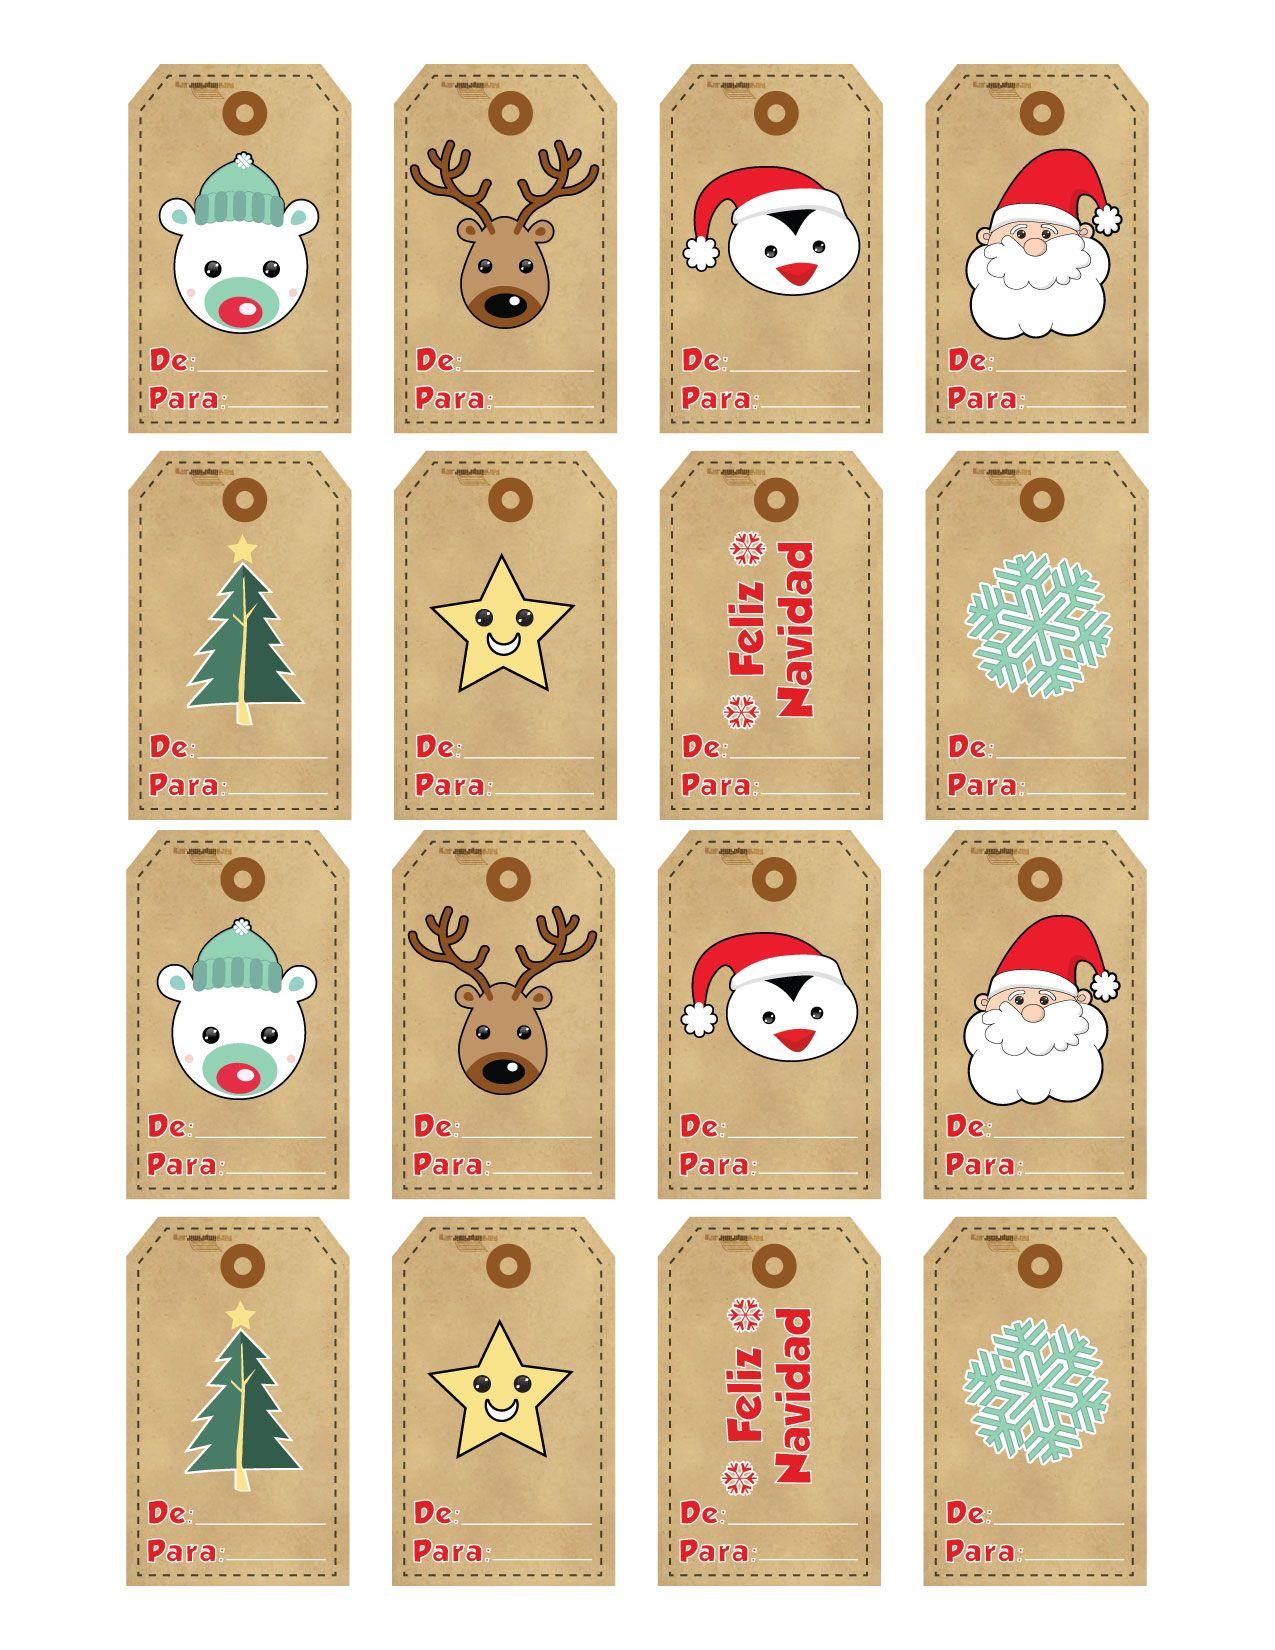 Etiquetas de navidad para regalos buscar con google - Regalos bonitos para navidad ...